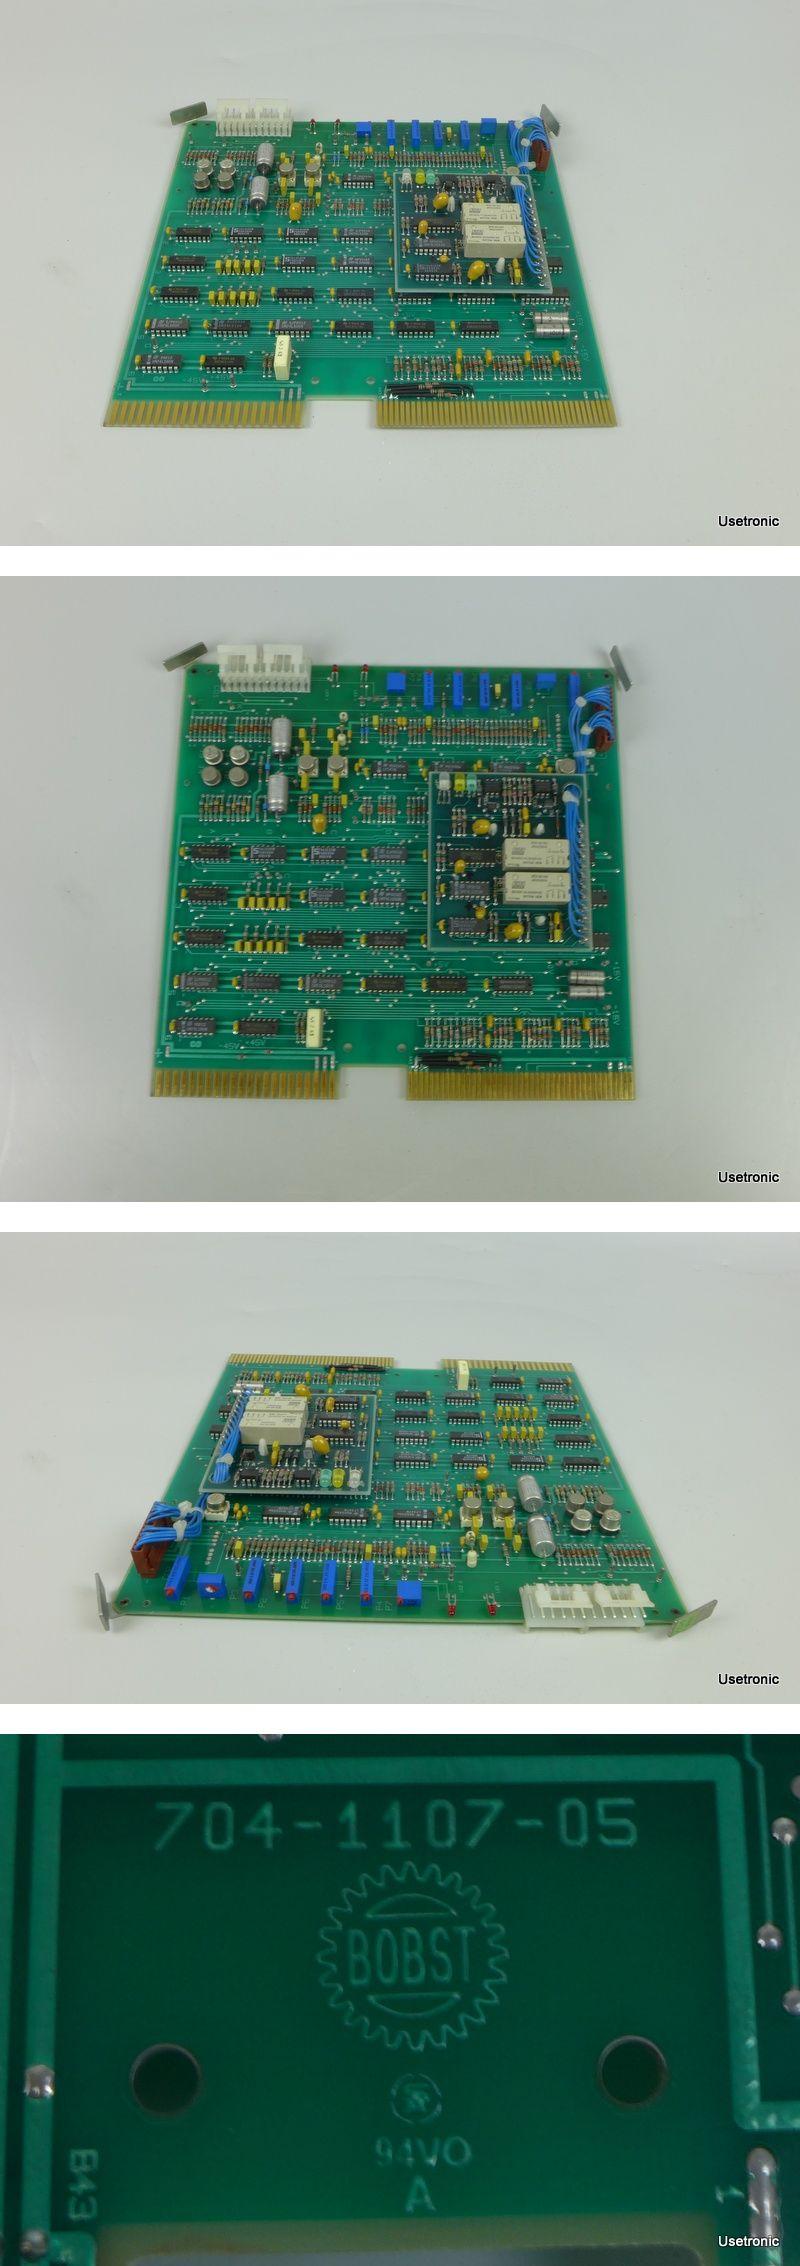 Bobst 704-1107-05